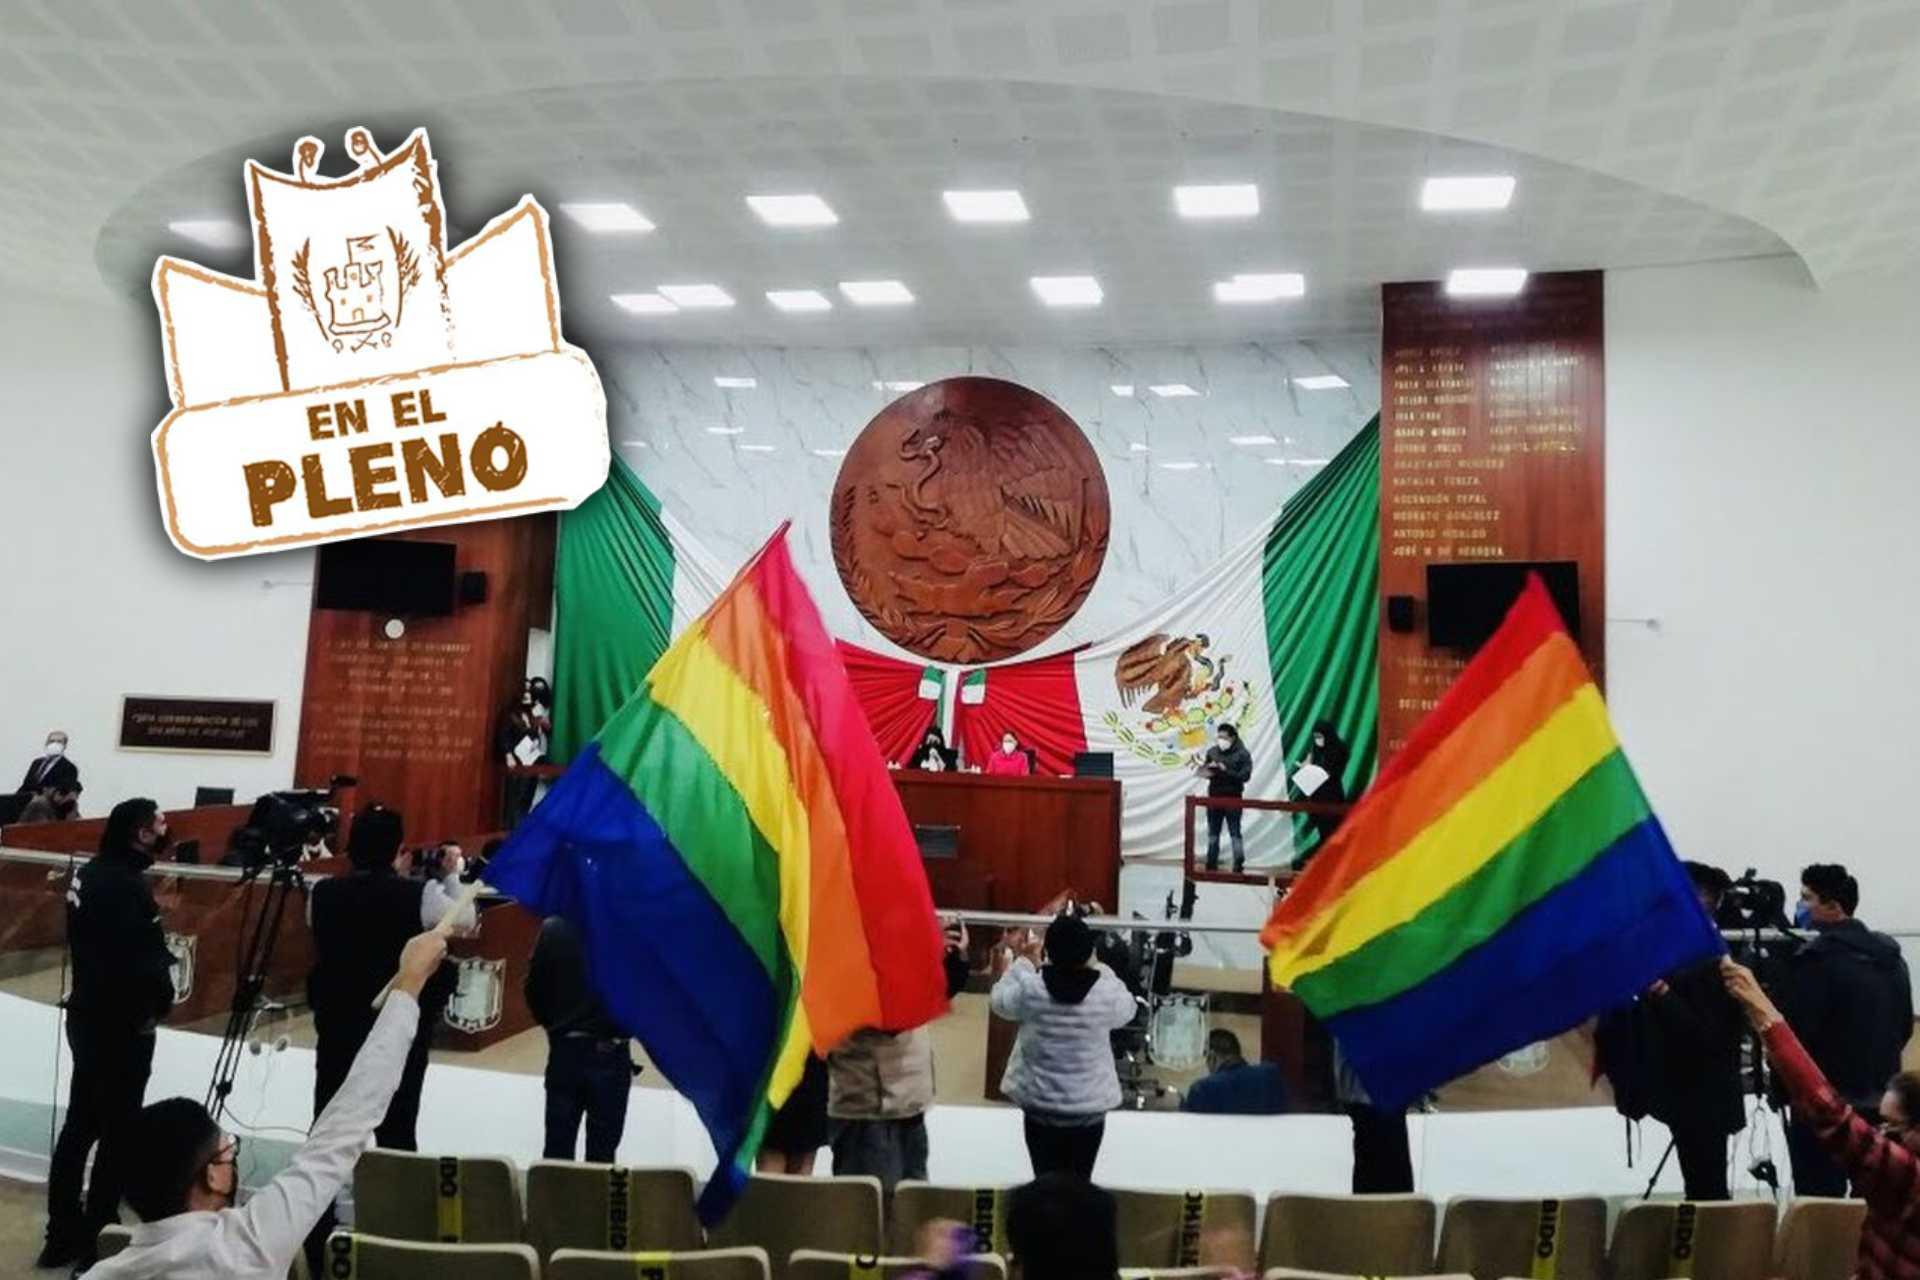 matrimonio- LGBTTTIQ-Estado 22-Tlaxcala-Matrimonio Igualitario-Aprobación-Congreso local